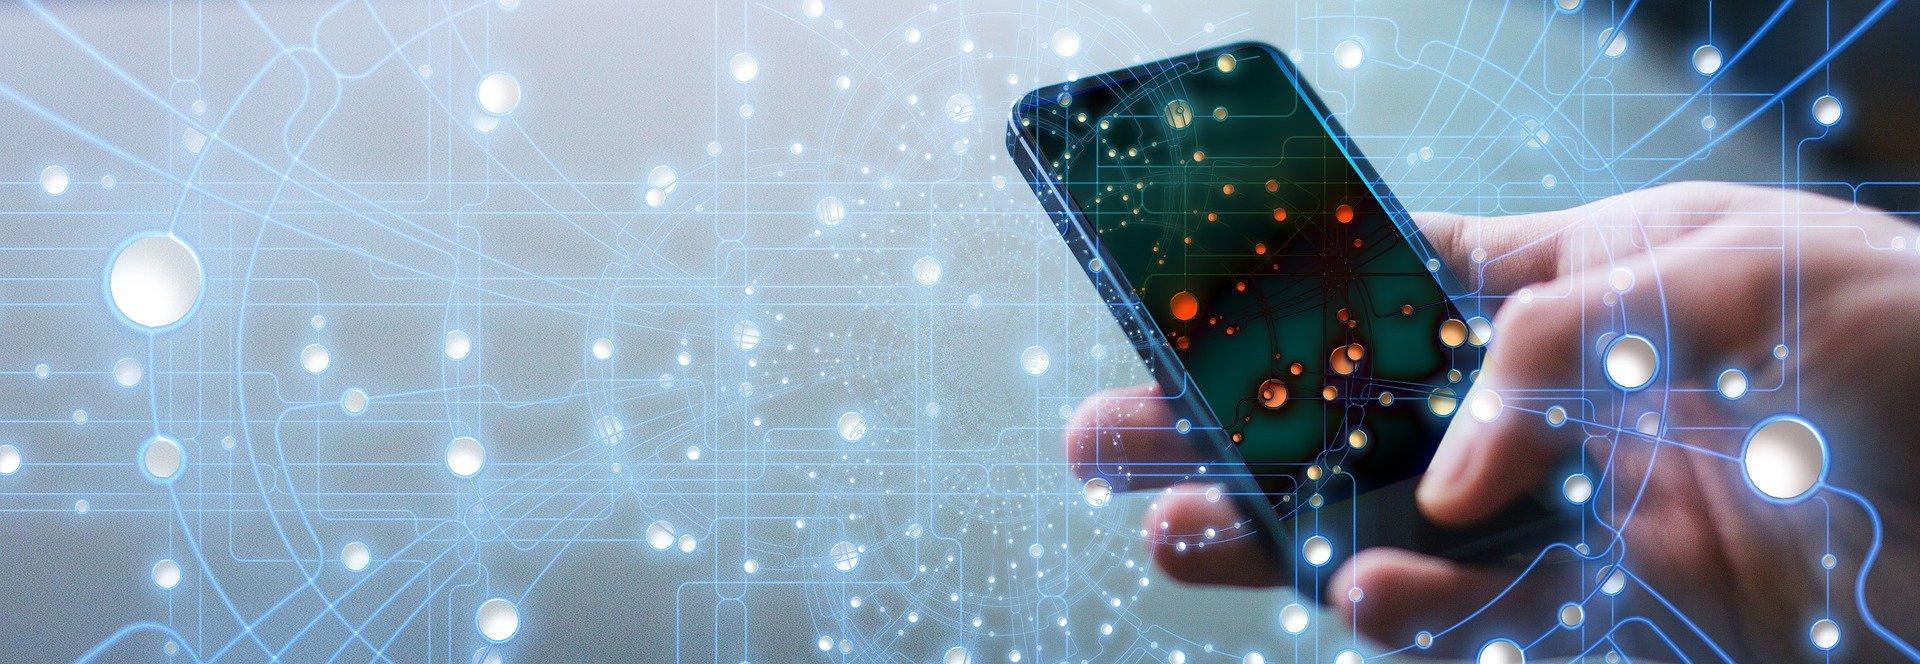 smartphone-4942918_1920